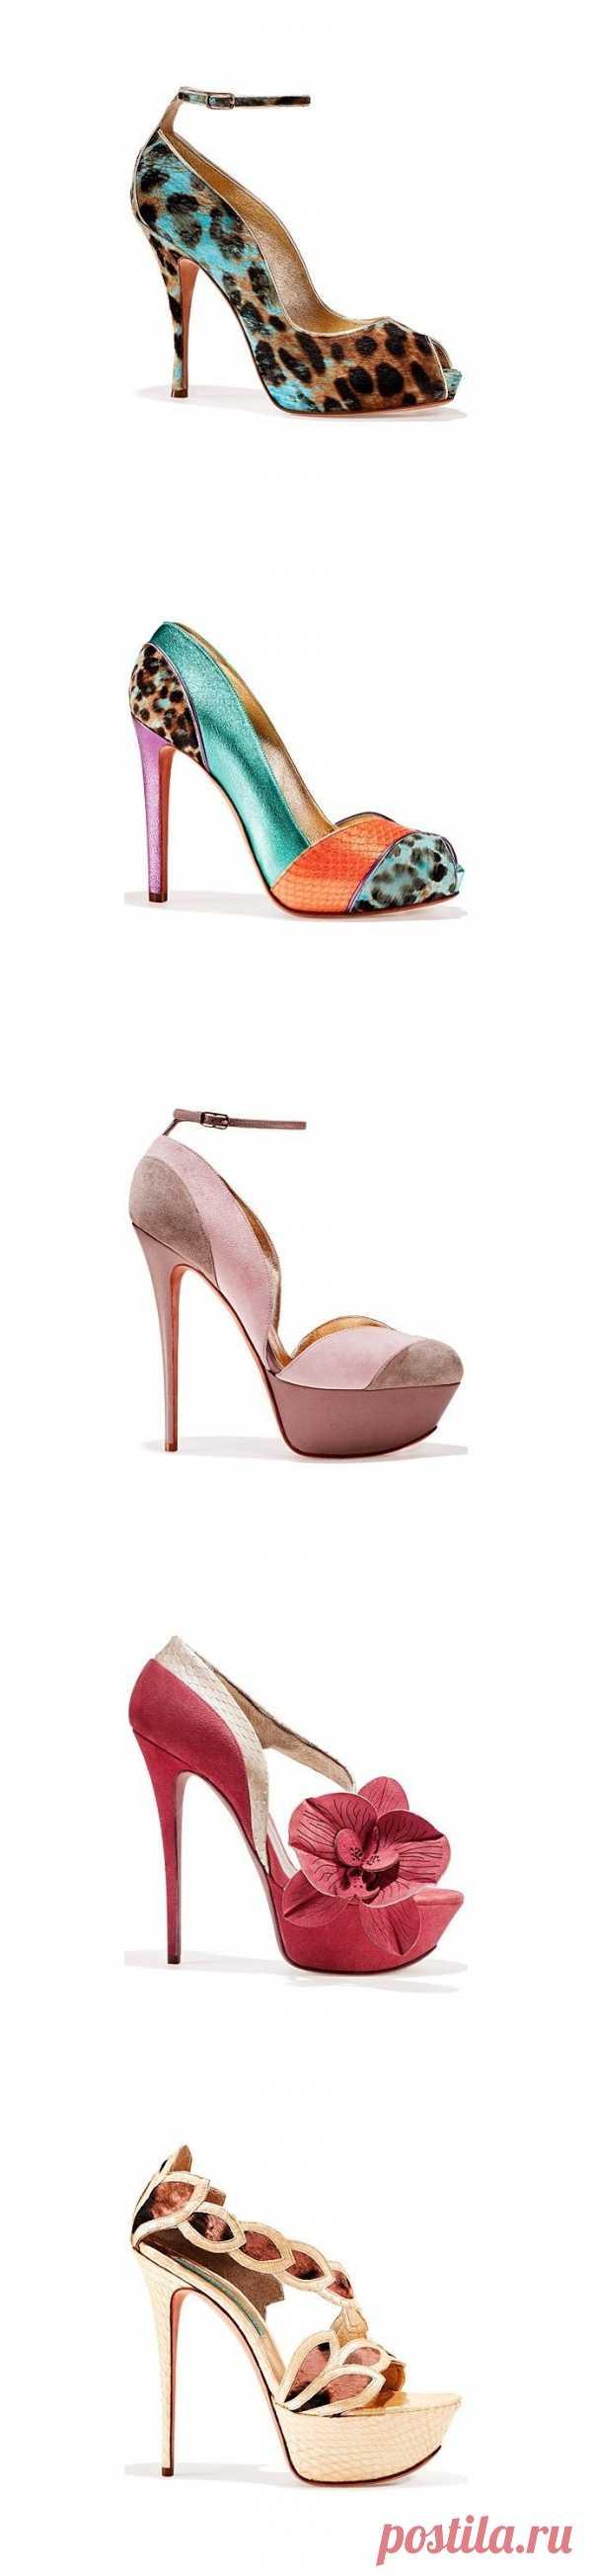 Модная обувь от Gaetano Perrone сезона весна-лето 2013